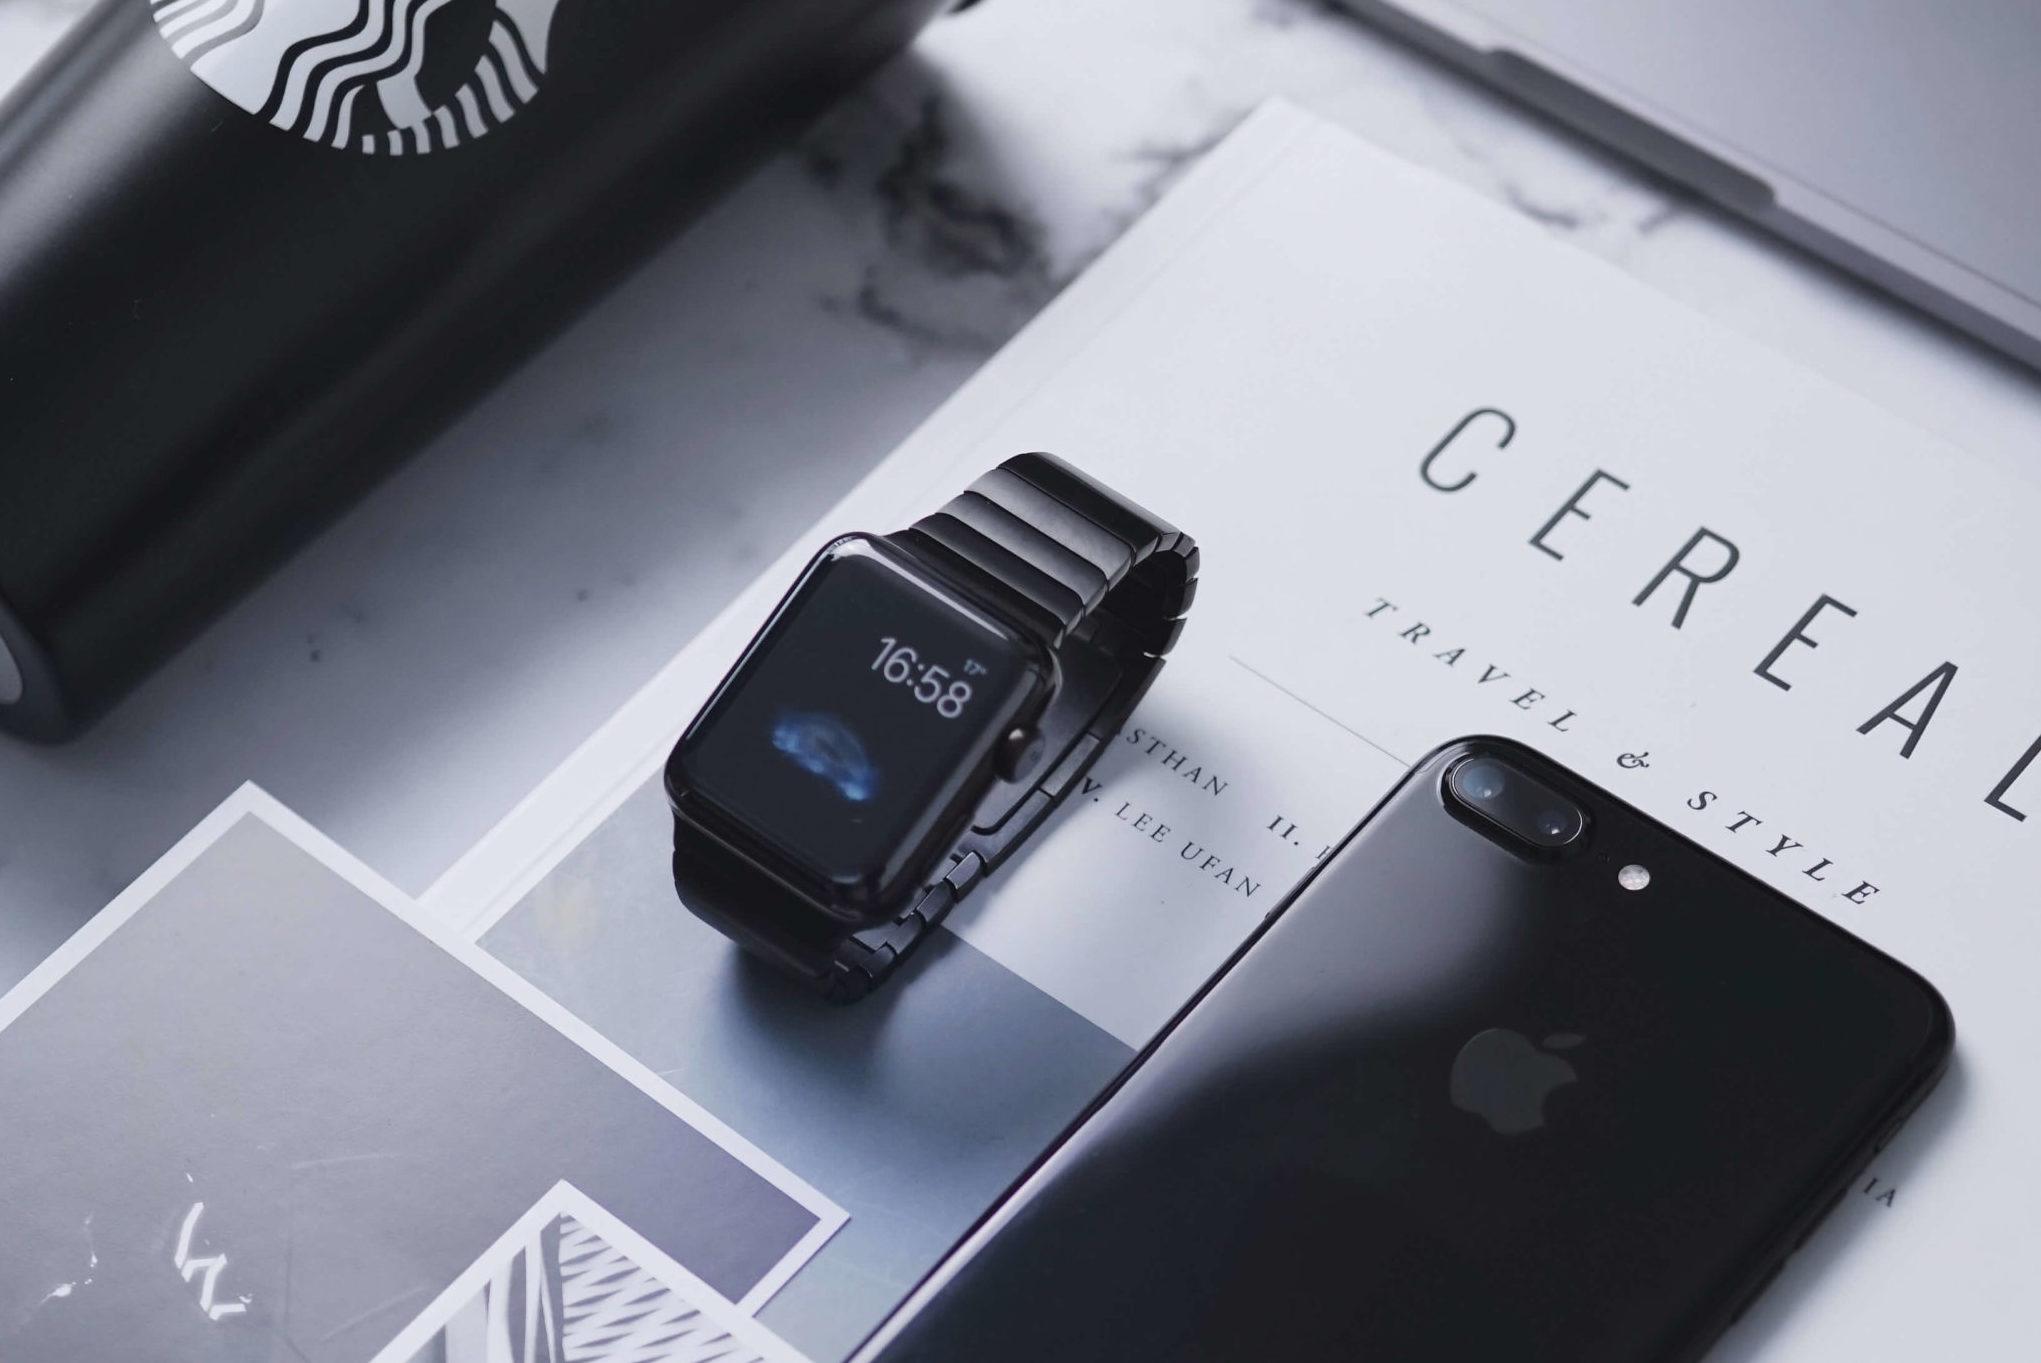 ビジネスで使うApple Watchとその他の機器